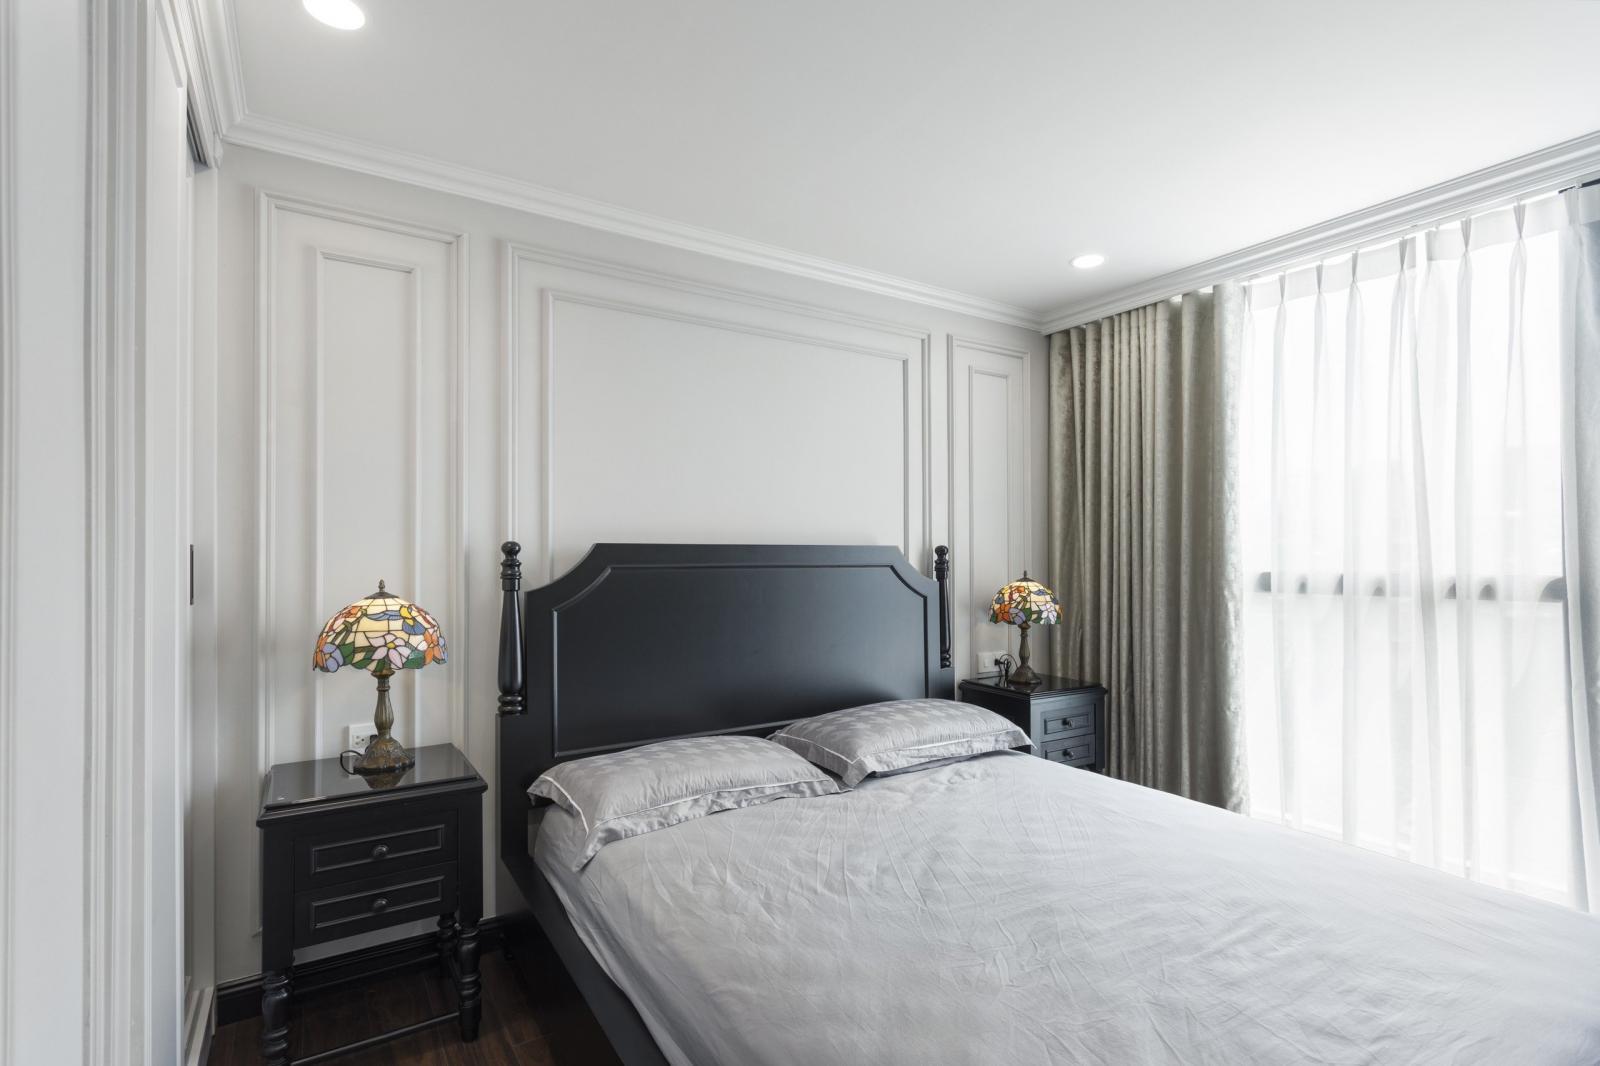 Một trong 4 phòng ngủ được thiết kế theo phong cách Indochine tối giản, mang đến sự thư thãi, dễ chịu cho chủ nhân căn phòng.